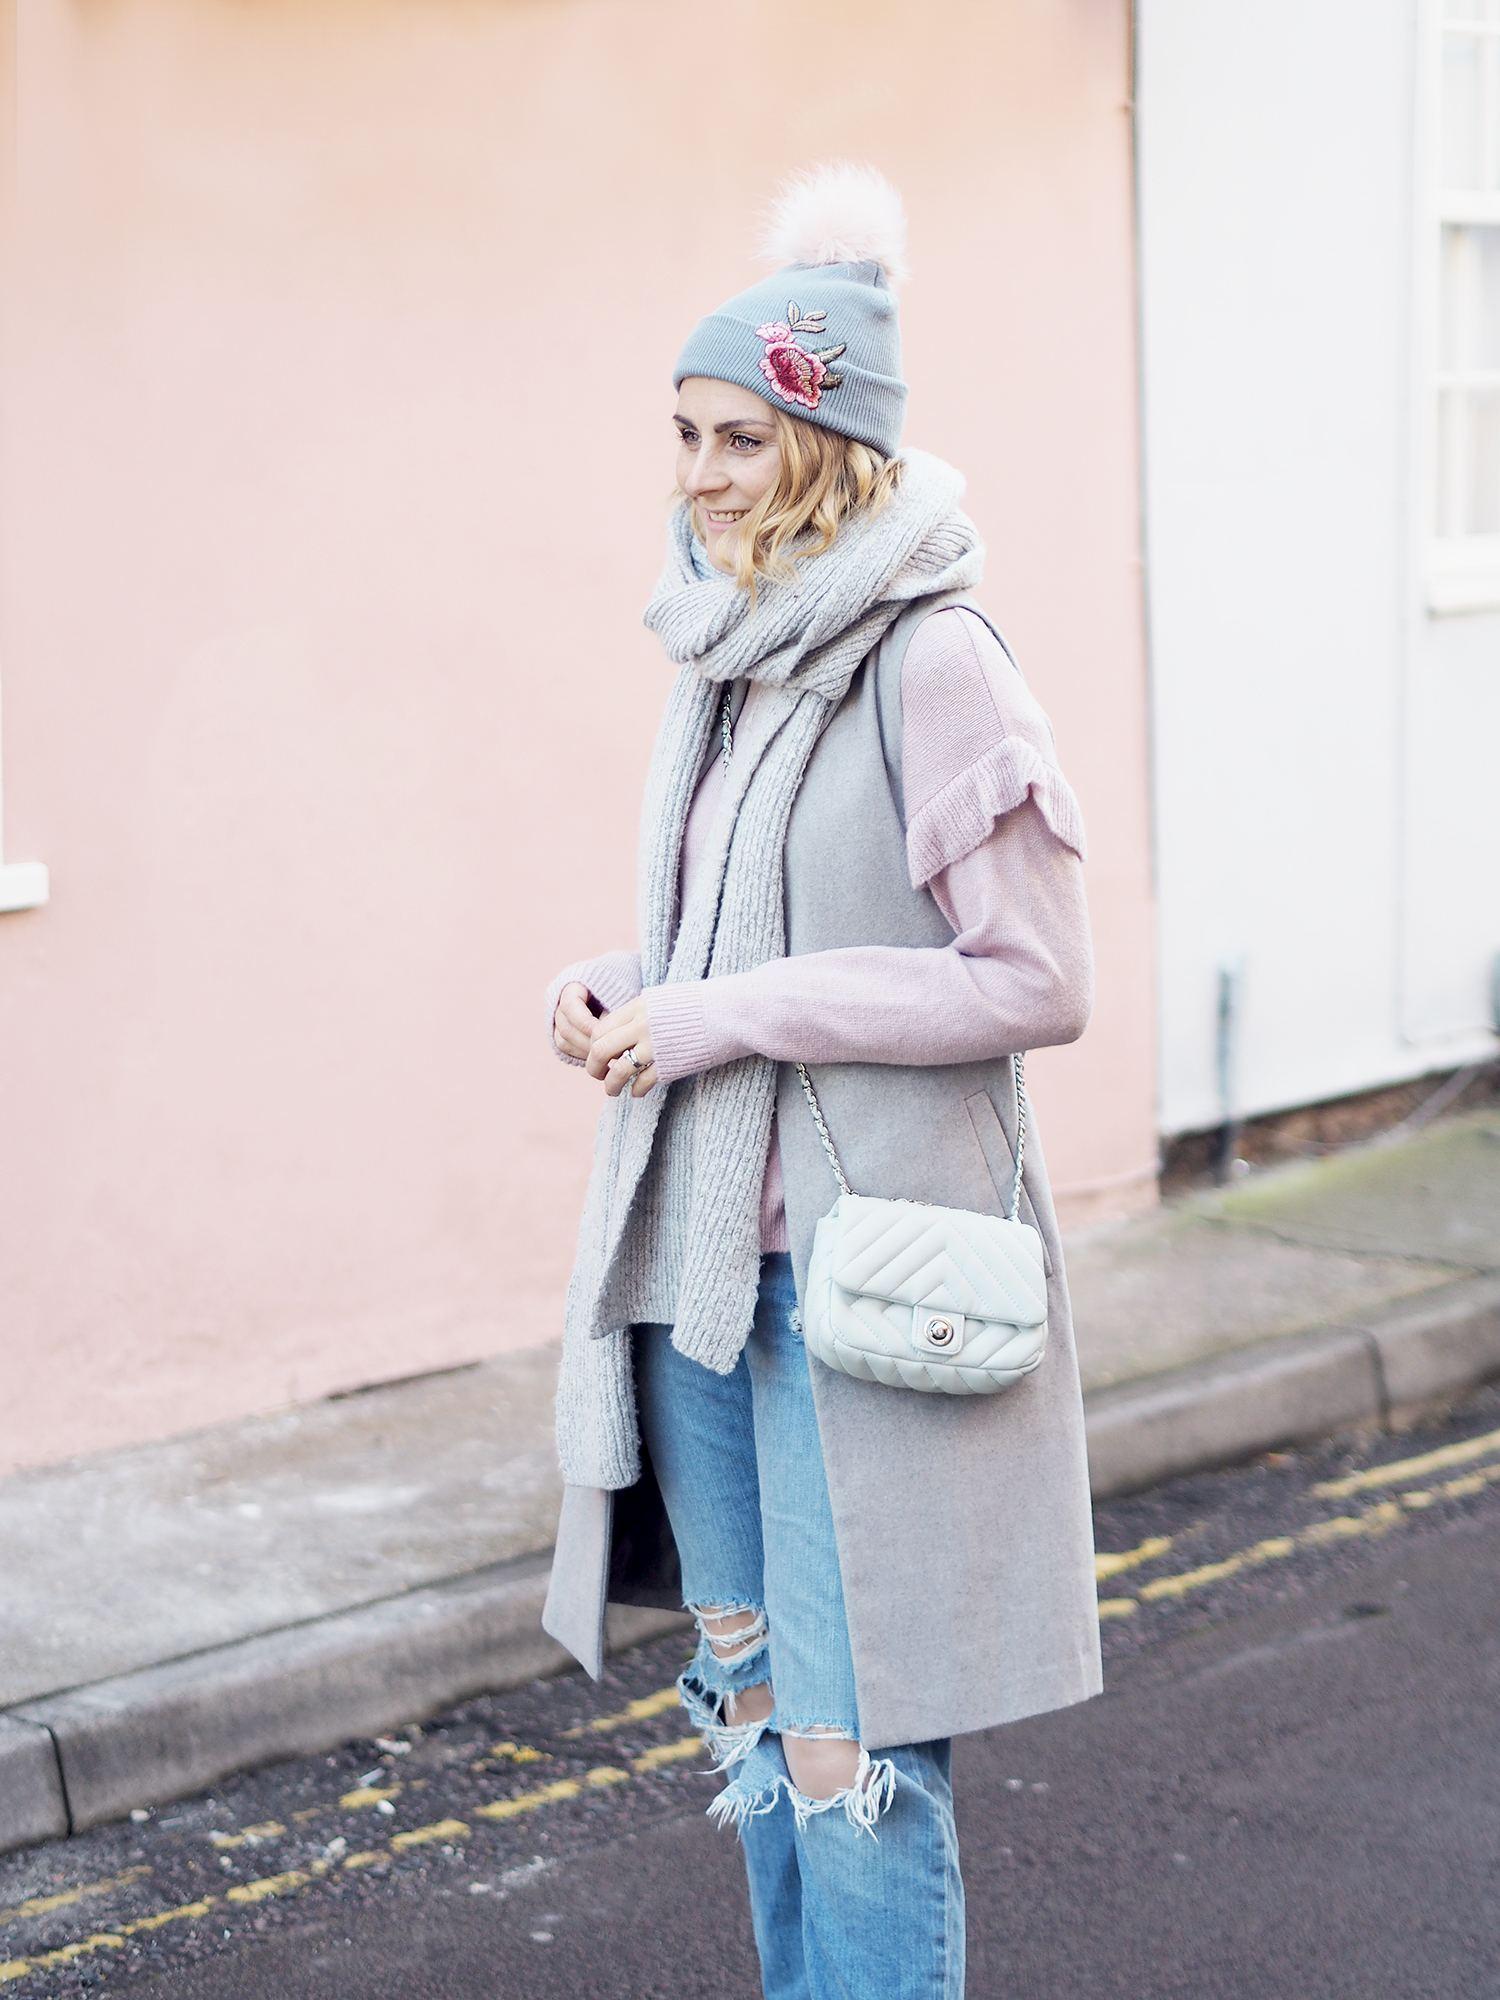 new look pink jumper and grey coat